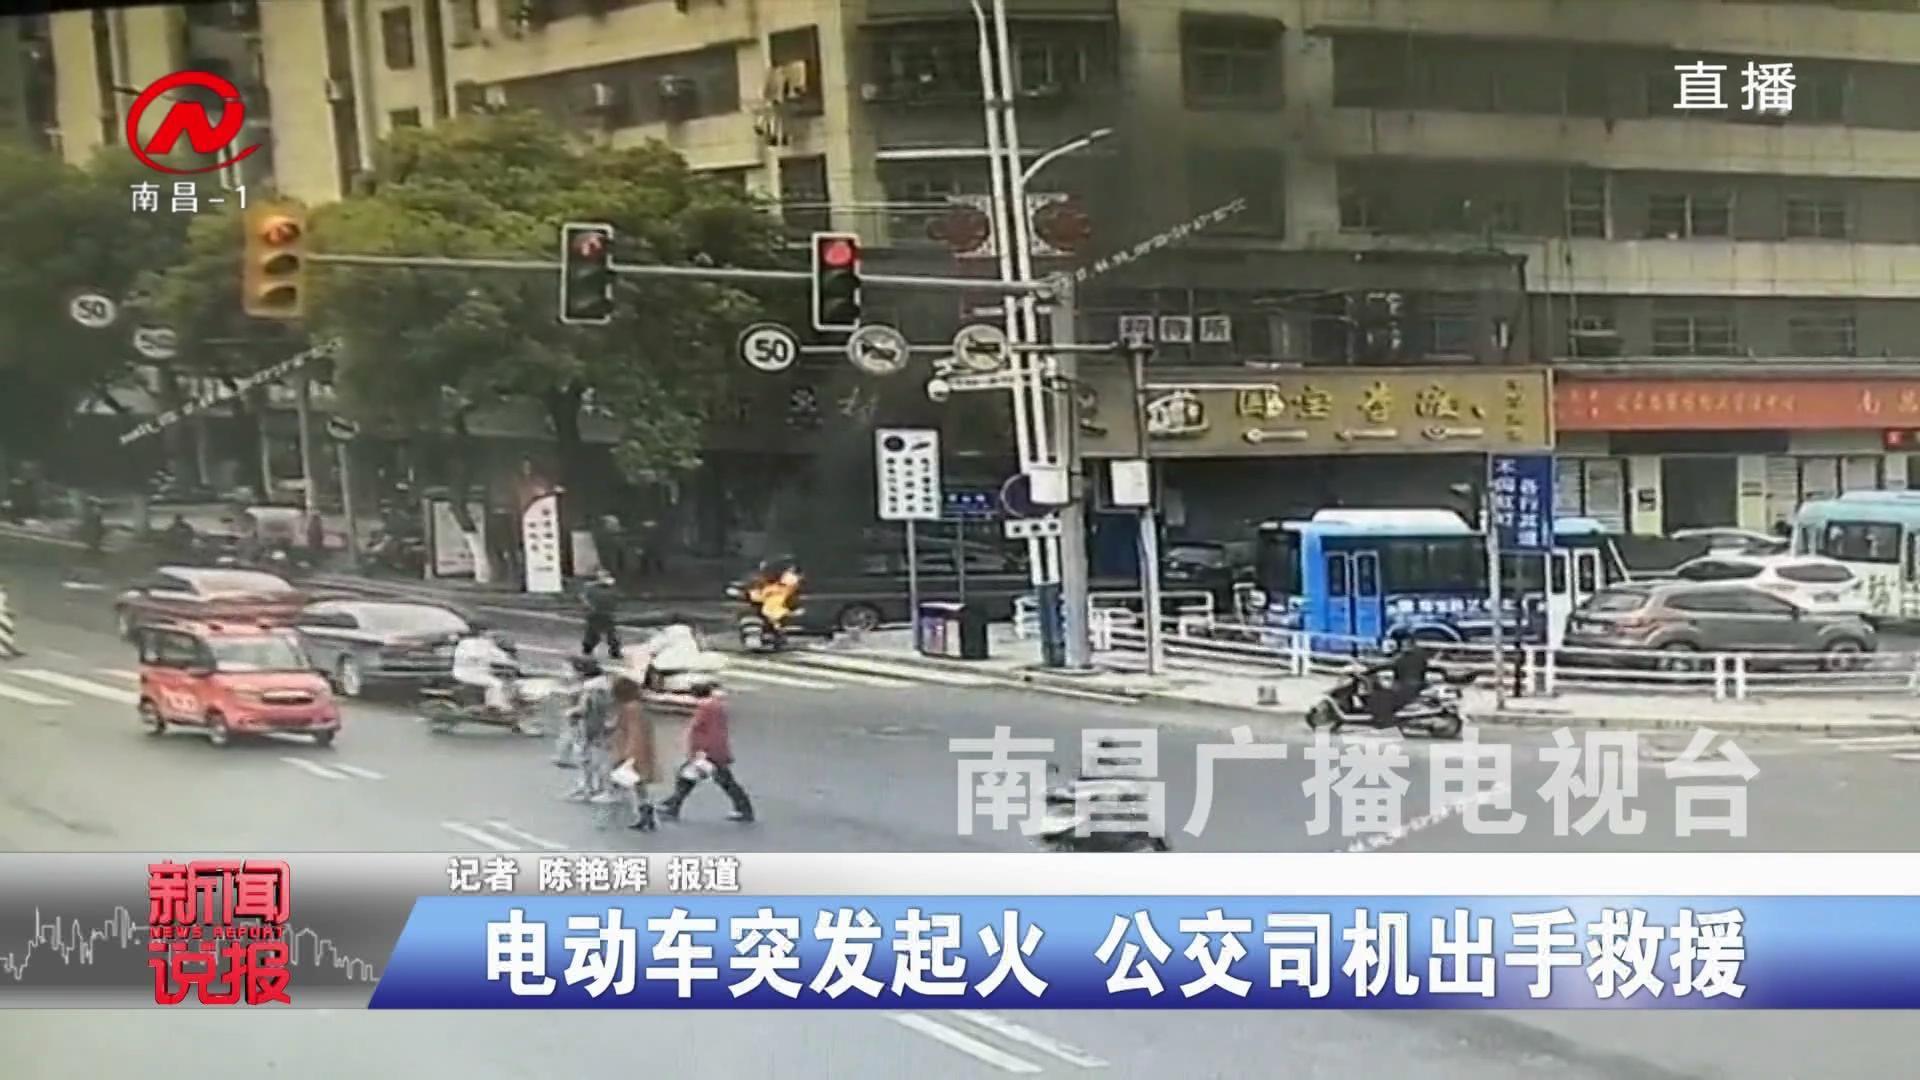 电动车突发起火 公交司机出手救援